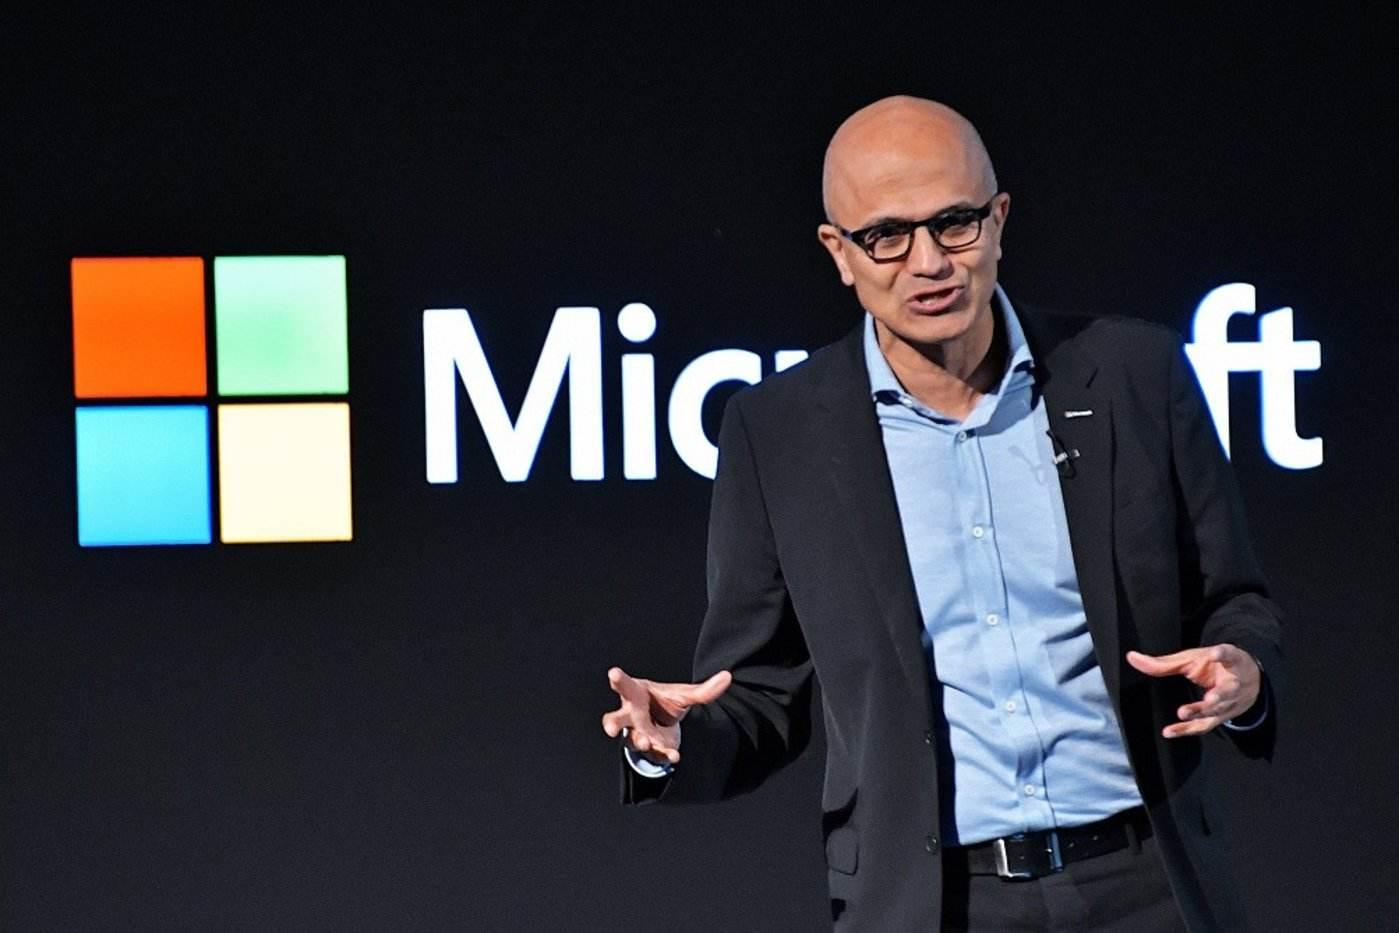 冰火两重天:微软再创新高,谷歌则蒸发万亿,云是未来?